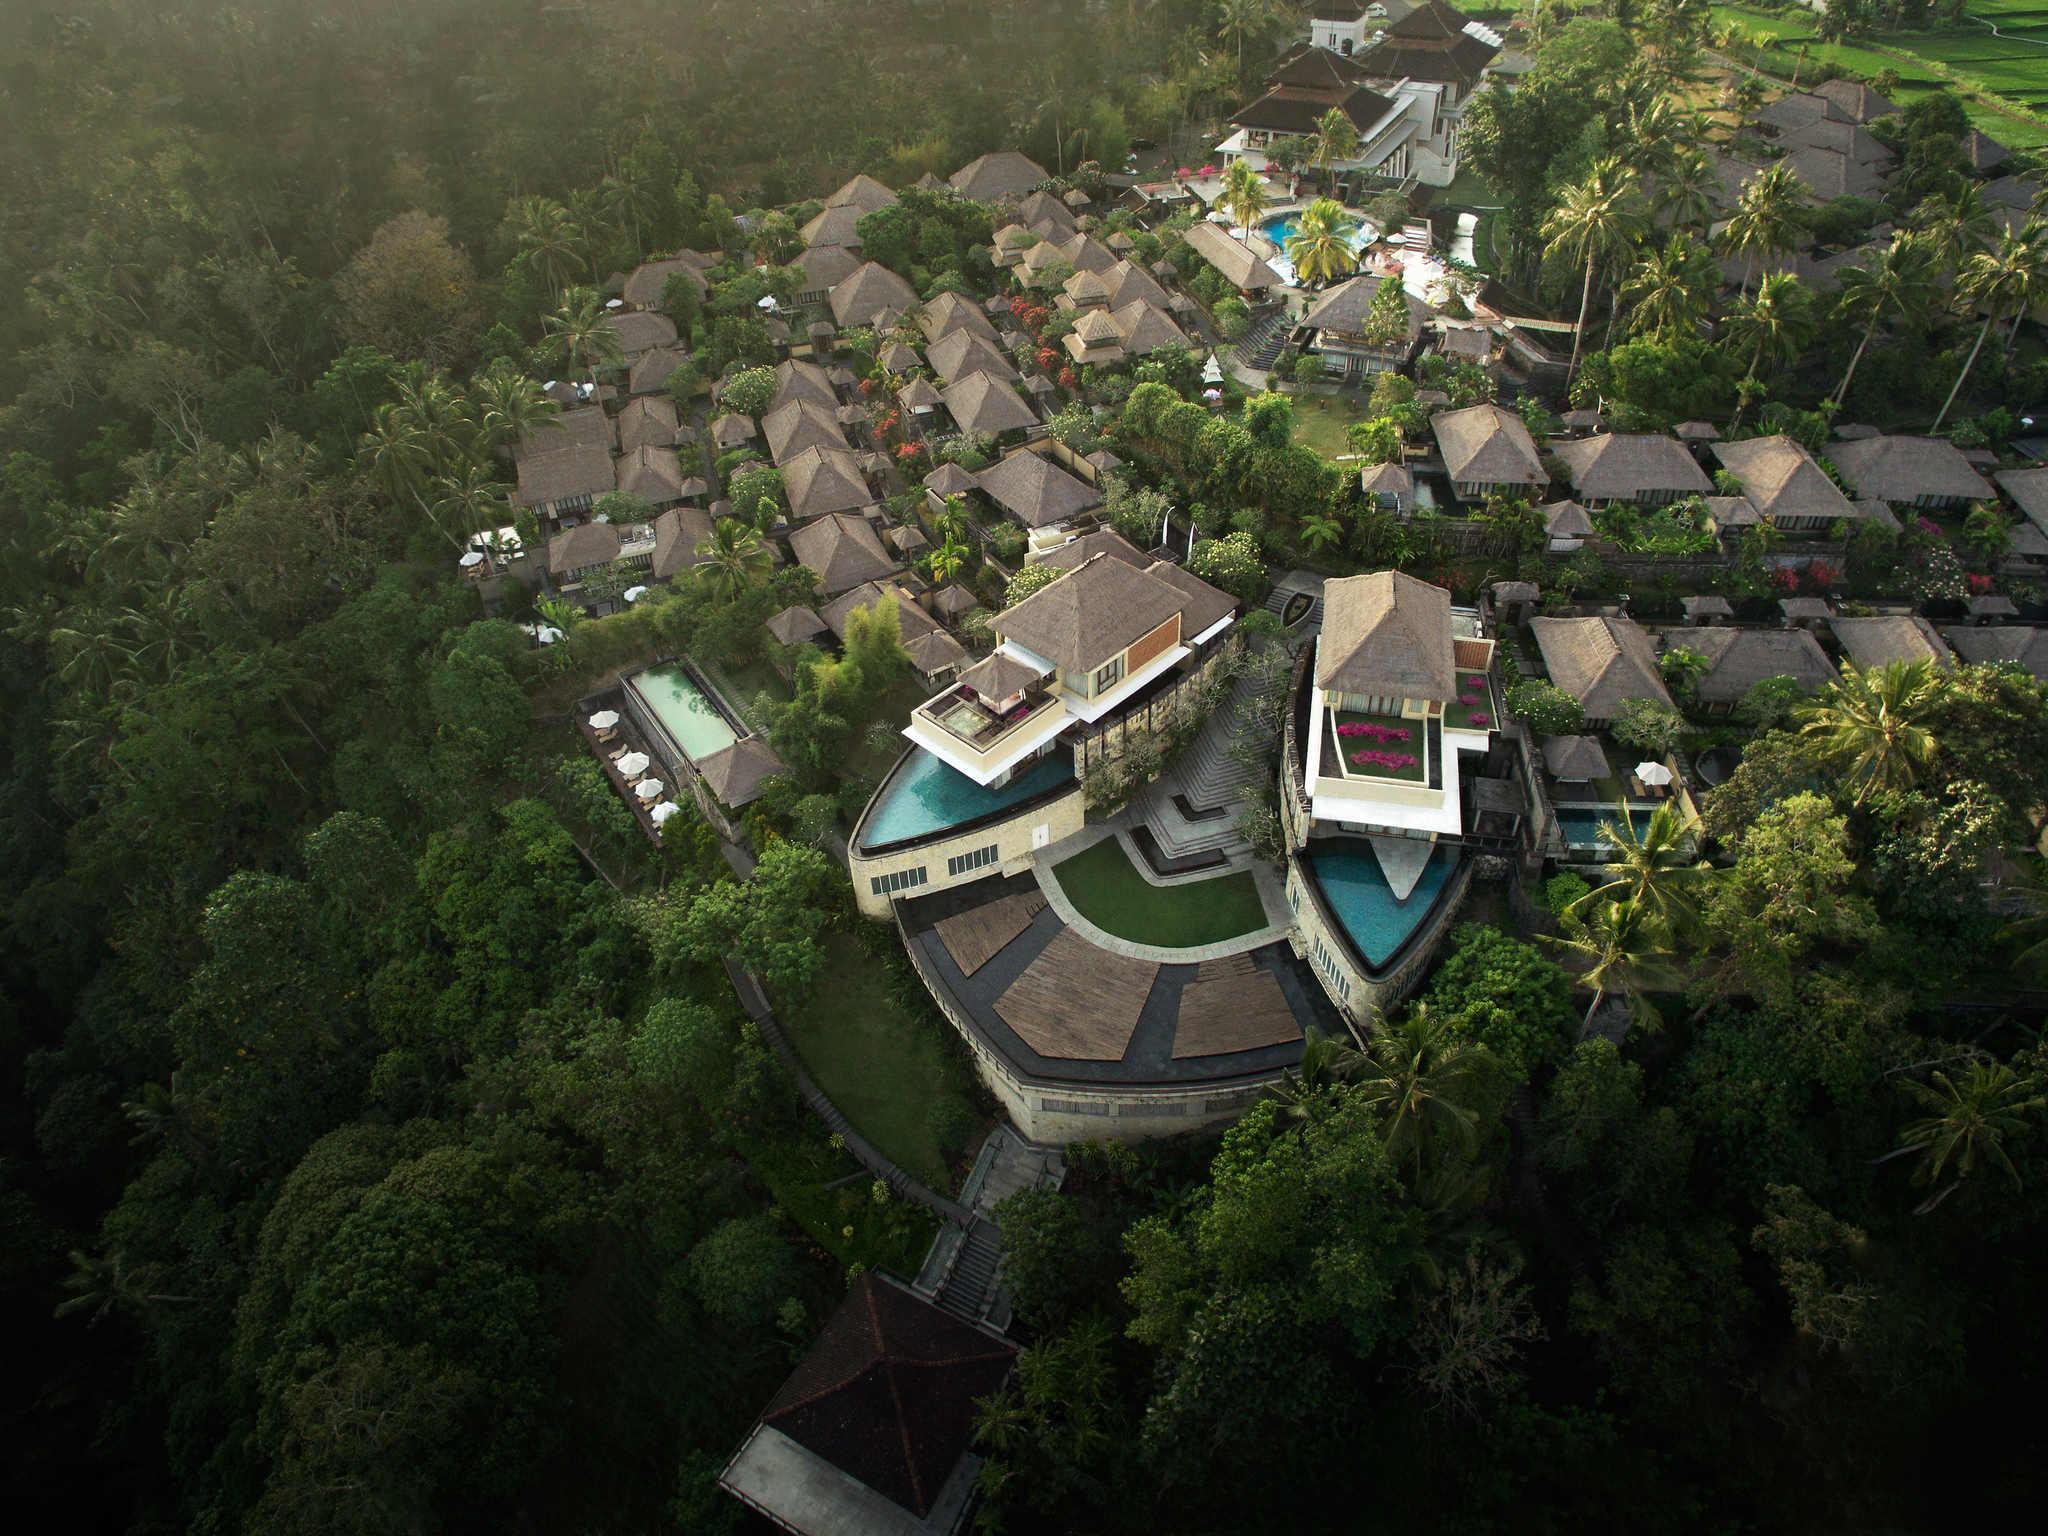 Hotel in ubud kamandalu ubud for Ubud bali hotels